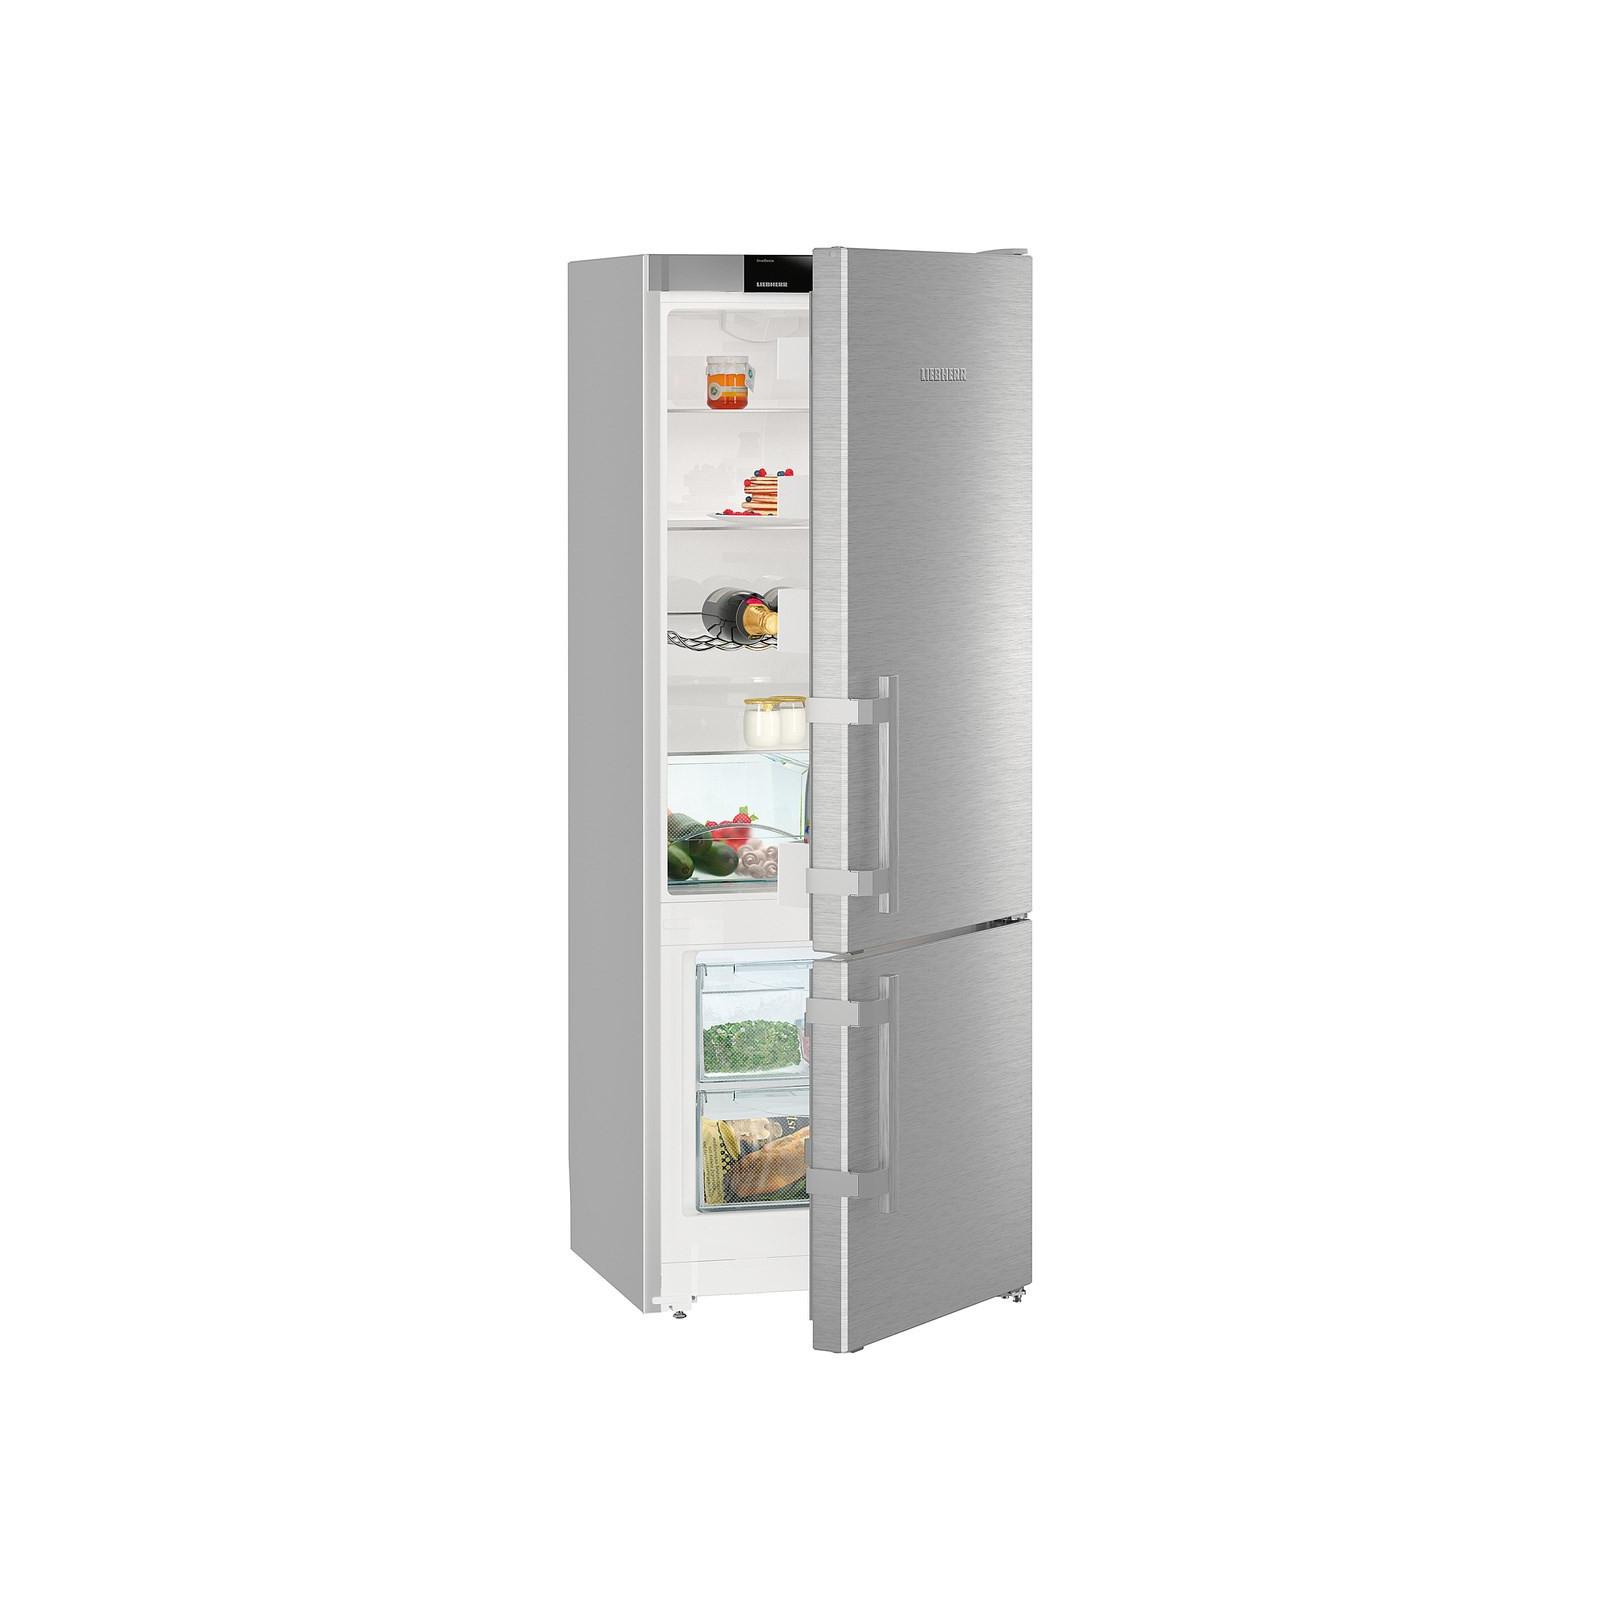 Холодильник Liebherr CUef 2915 изображение 5